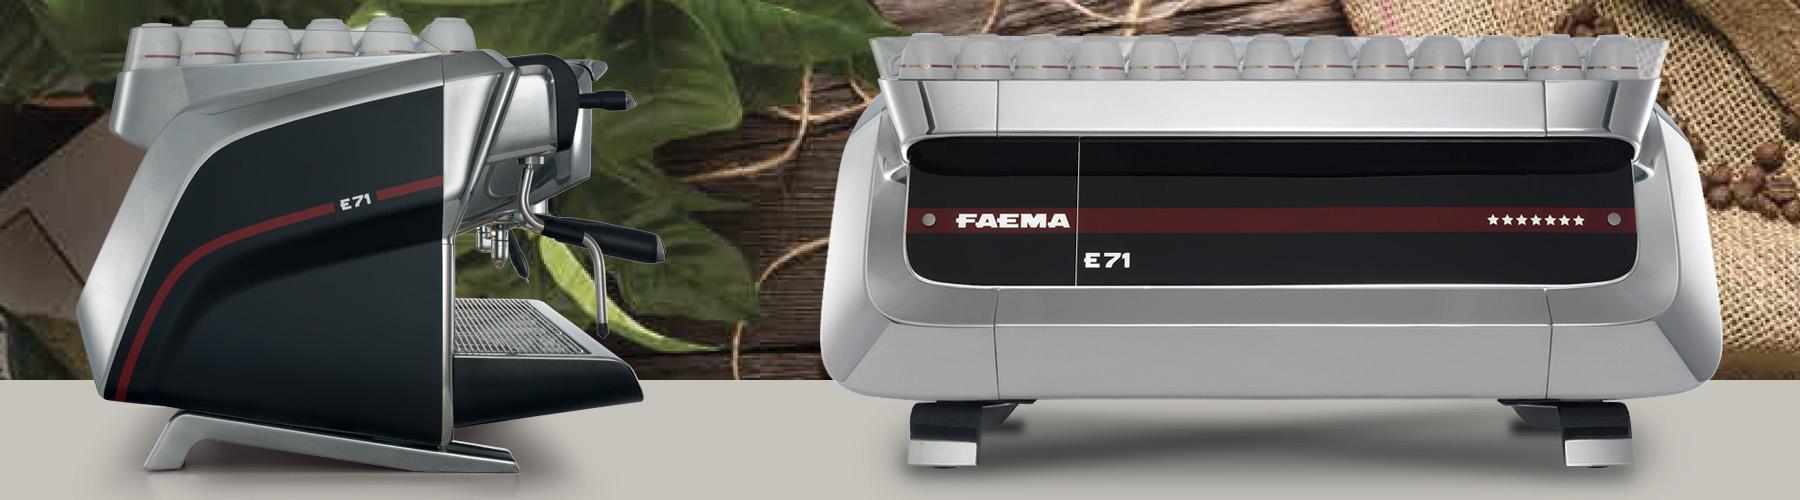 FAEMA-Fanucchi